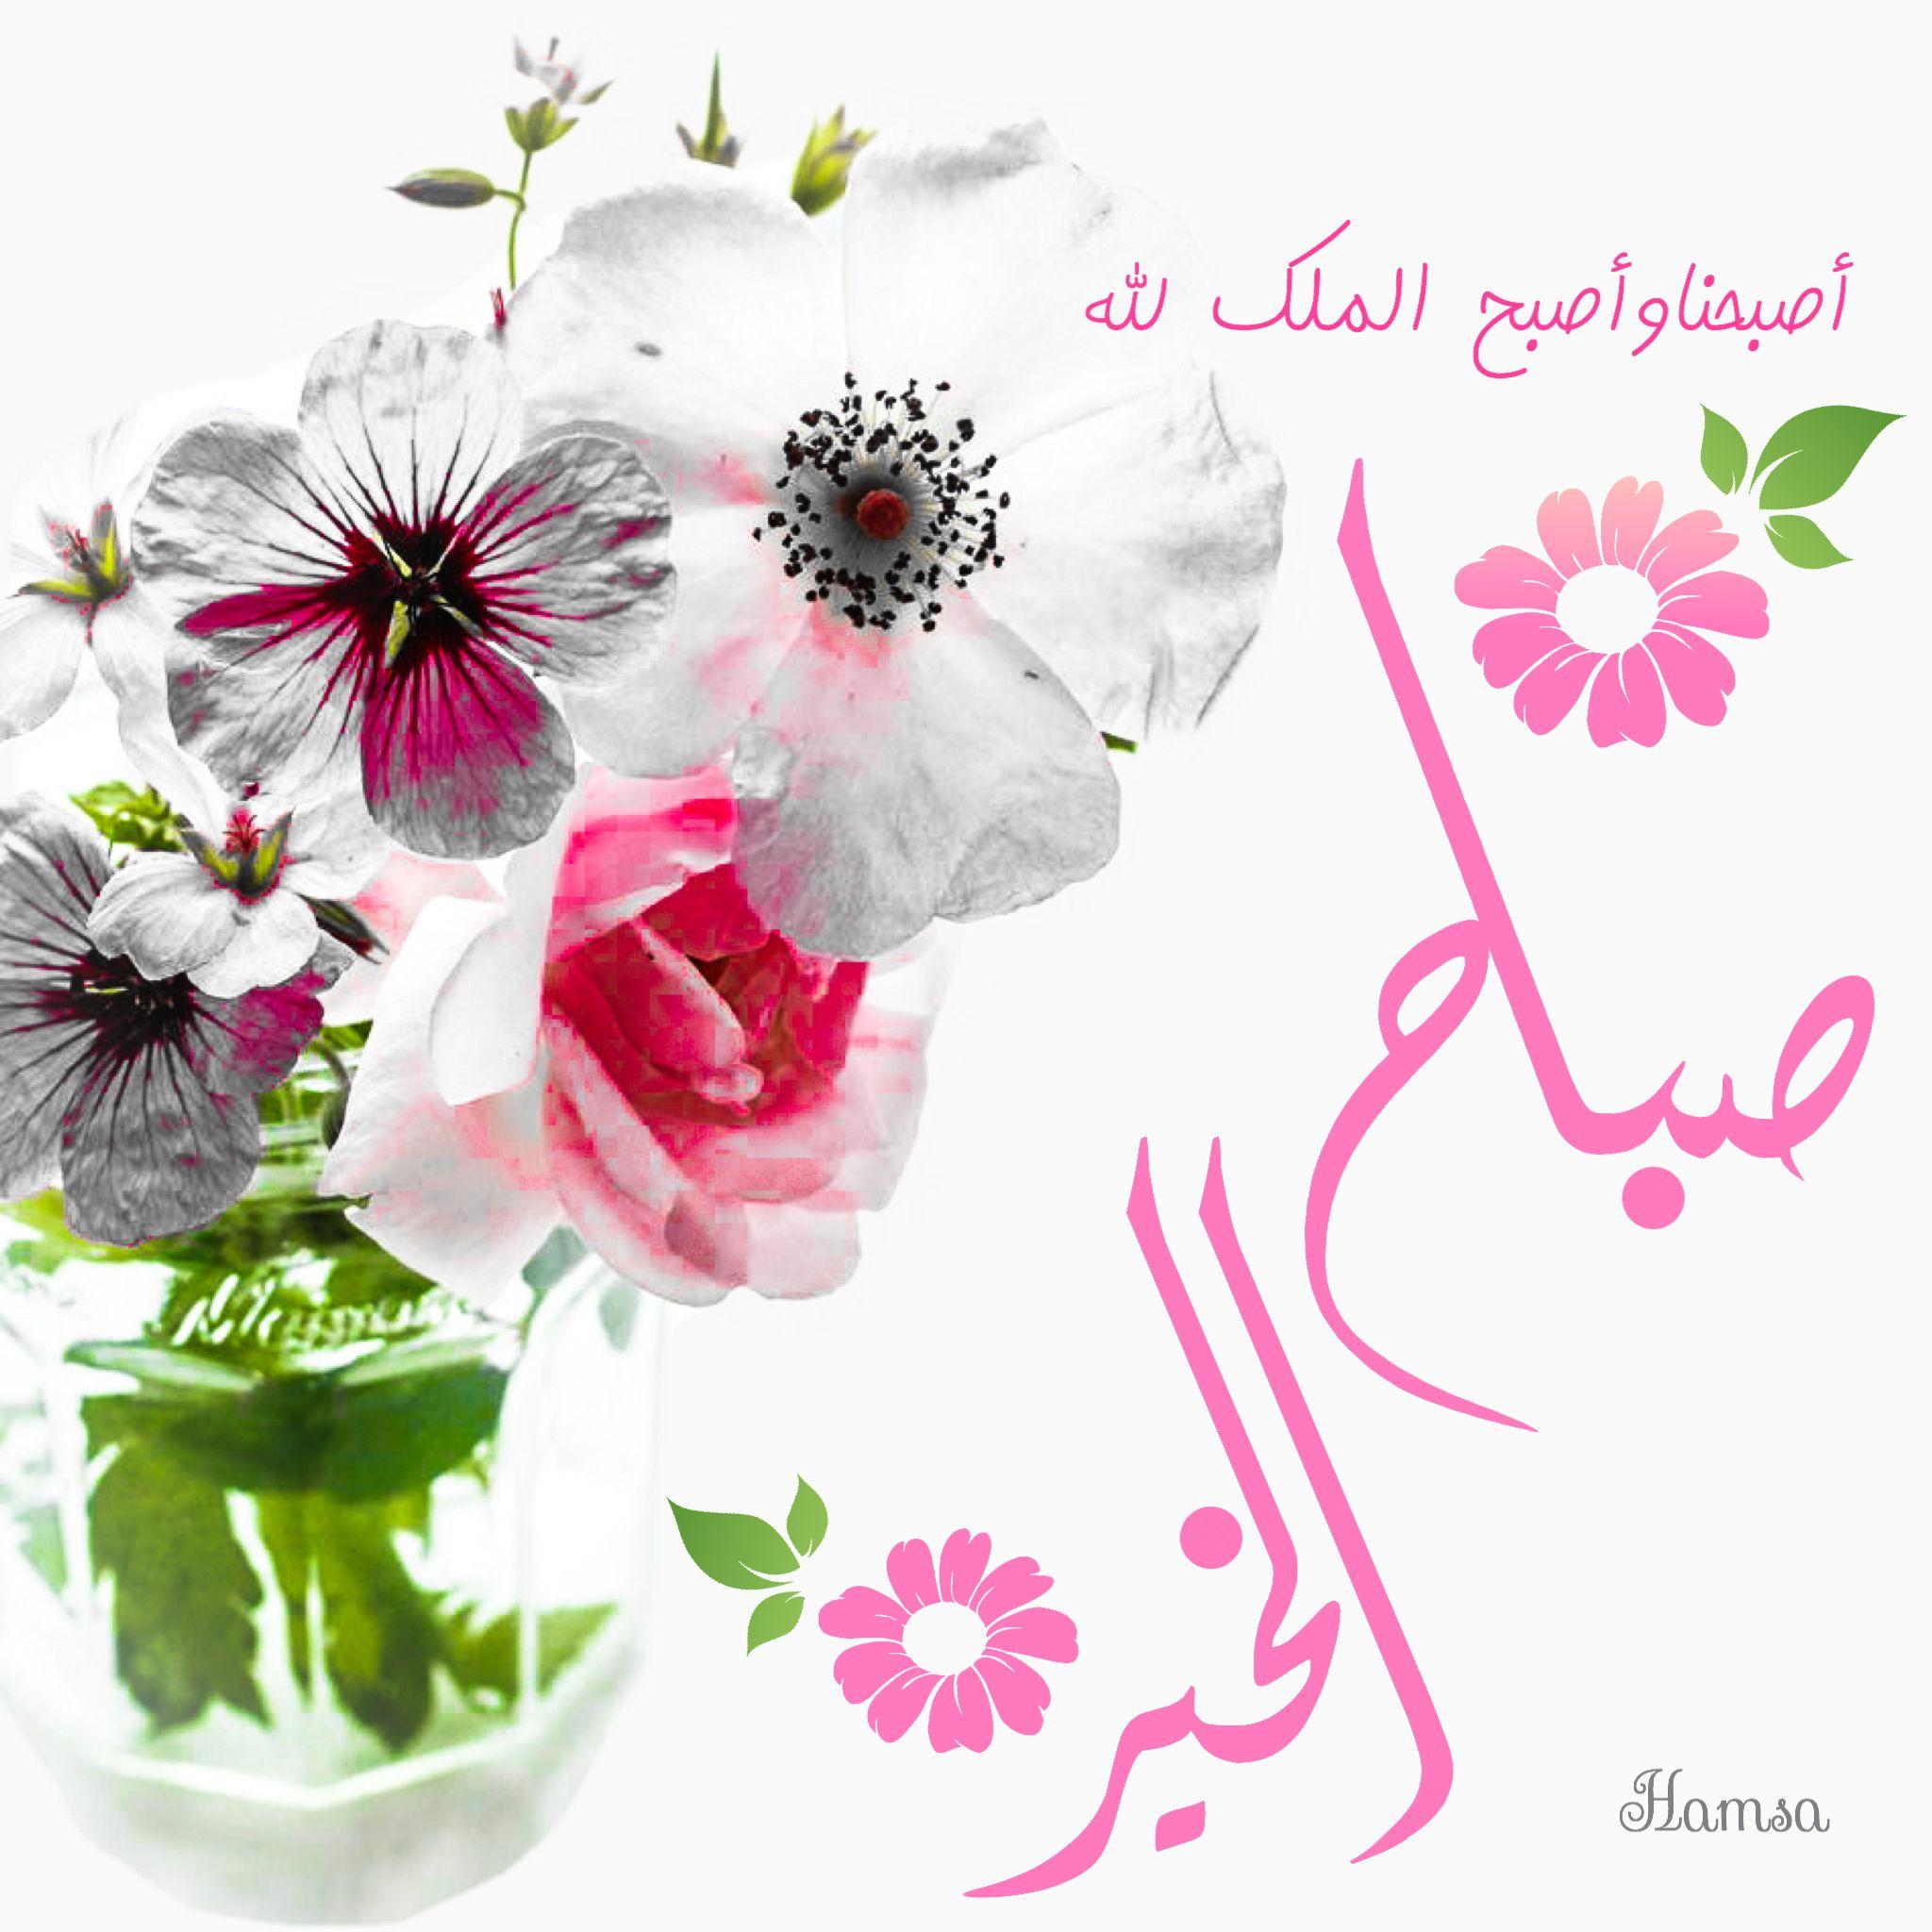 Desertrose يسعد صباحكم بكل خير صباح الخير Morning Wish Good Morning Good Night Morning Messages